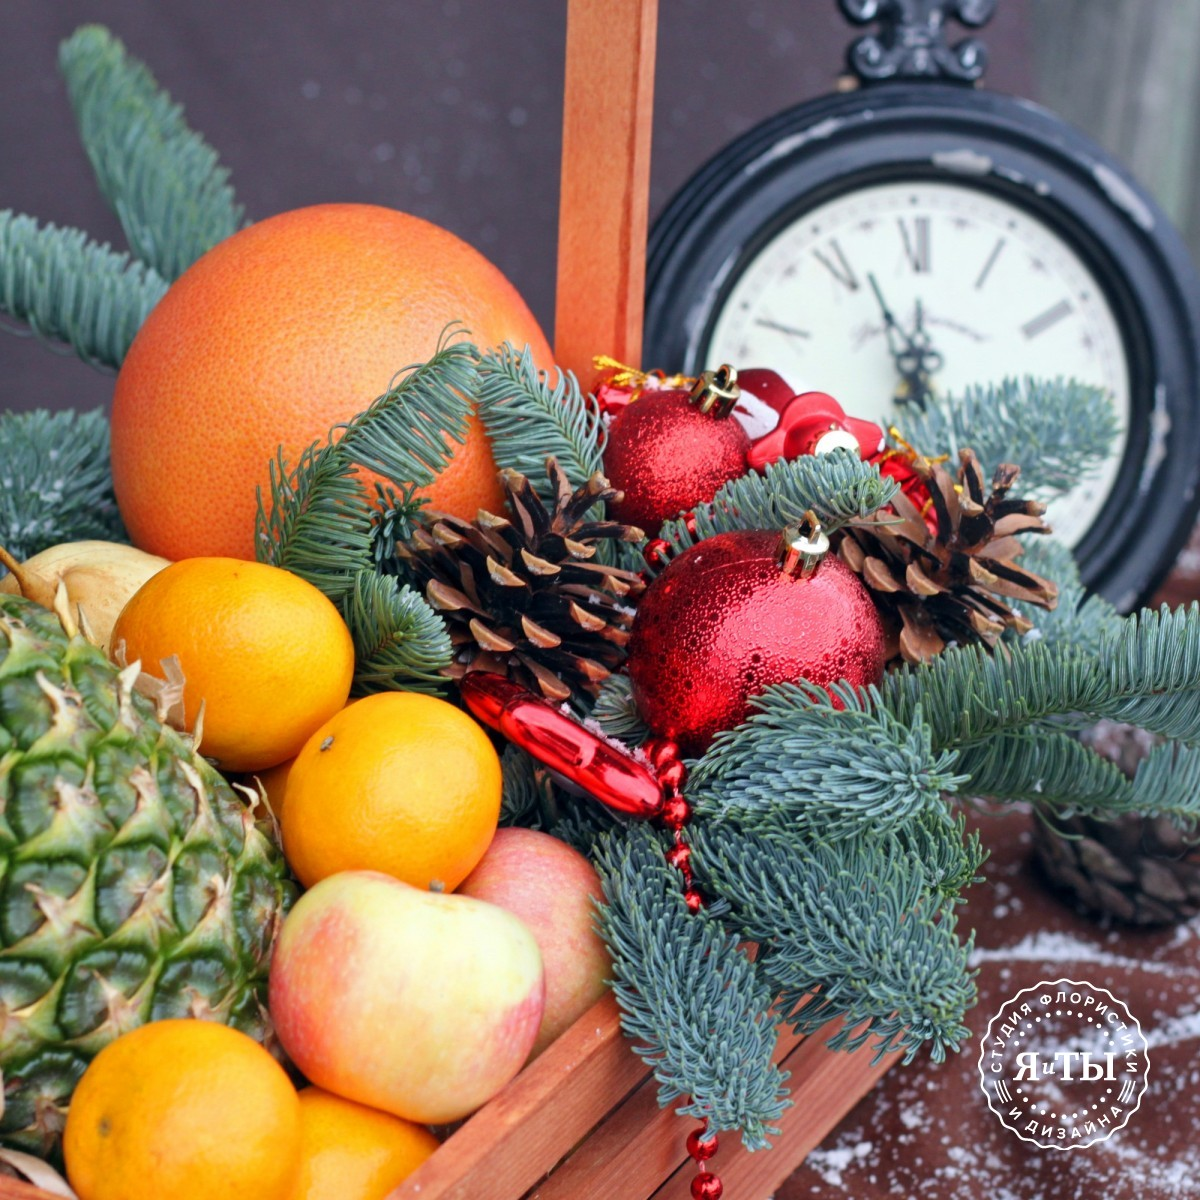 Декоративный ящик с фруктами